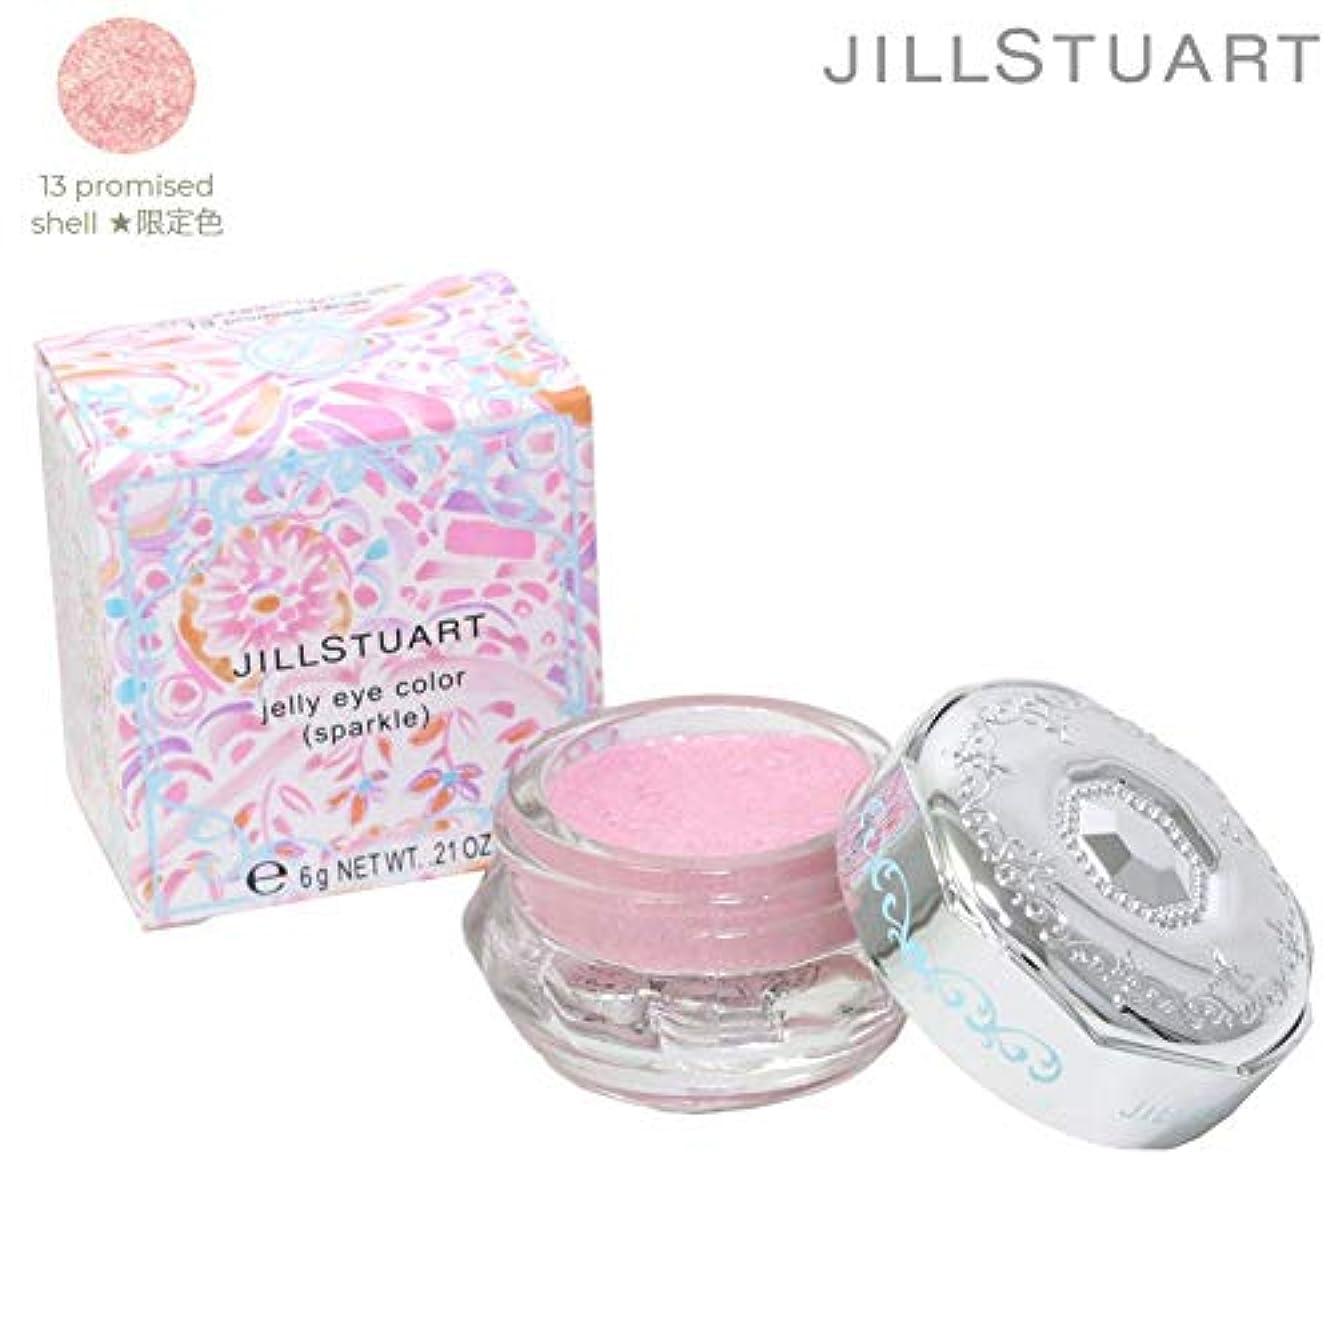 つかの間クルーズ抗生物質JILL STUART(ジルスチュアート) ジェリーアイカラー (スパークル) 6g 『Jelly Eye Color (Sparkle)』 #13(promised shell 【限定色】)